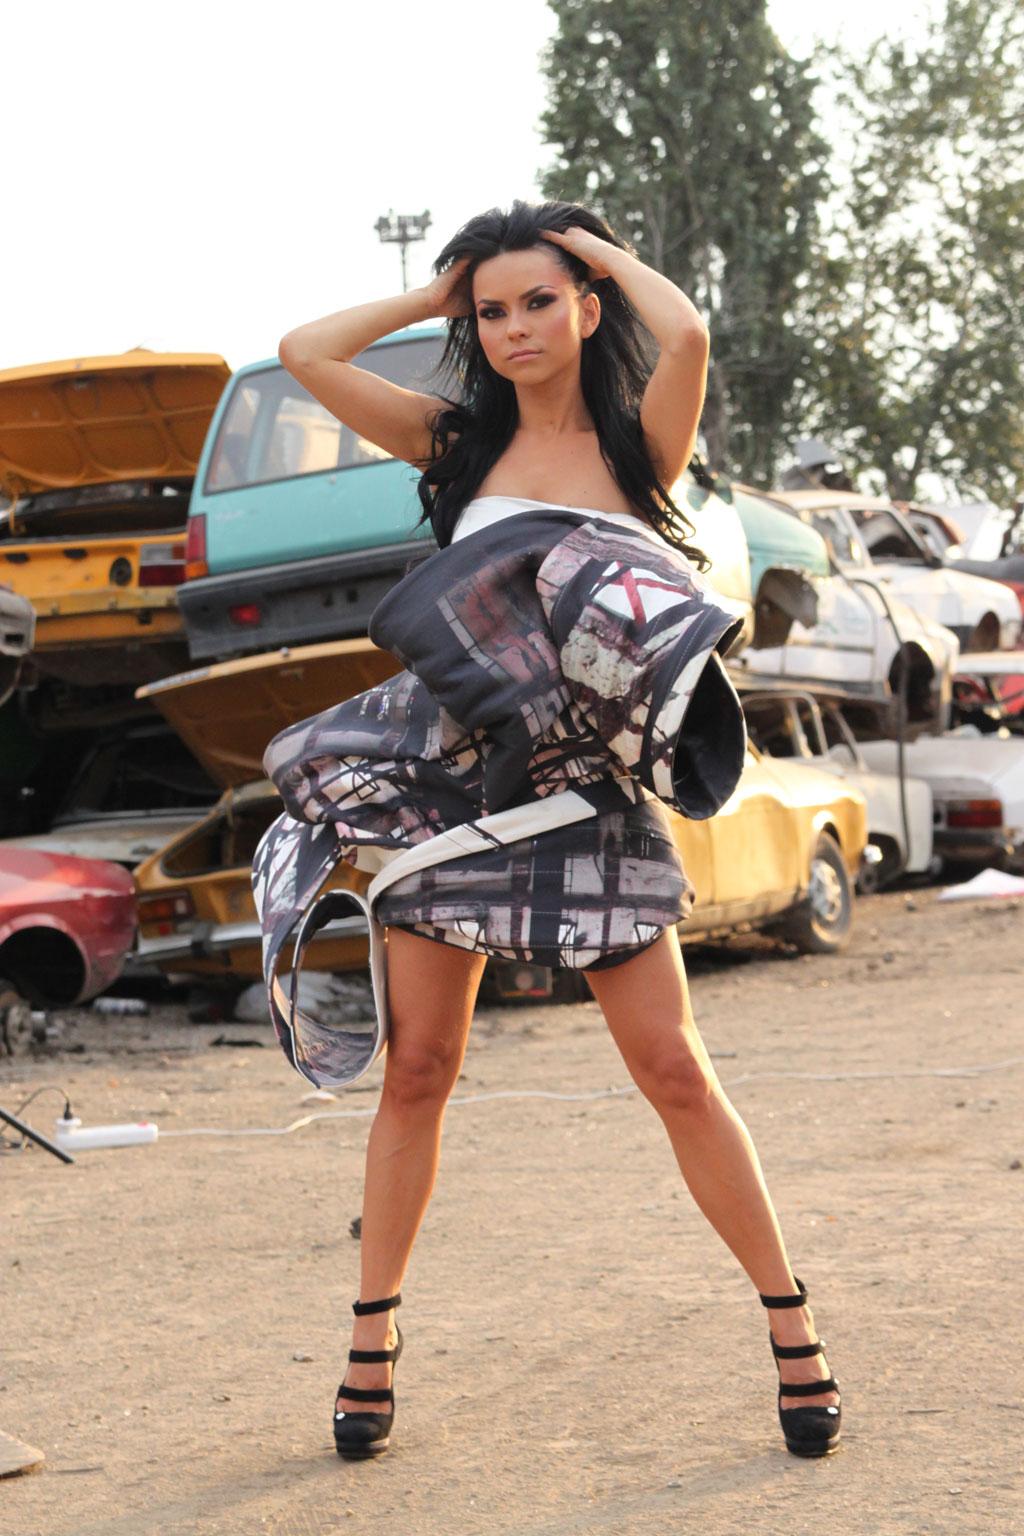 http://1.bp.blogspot.com/_QhQHrMXYV40/TMHVm5gjg3I/AAAAAAAAAHs/Gpva9MZWZRw/s1600/make-of-inna-rmt5.jpg